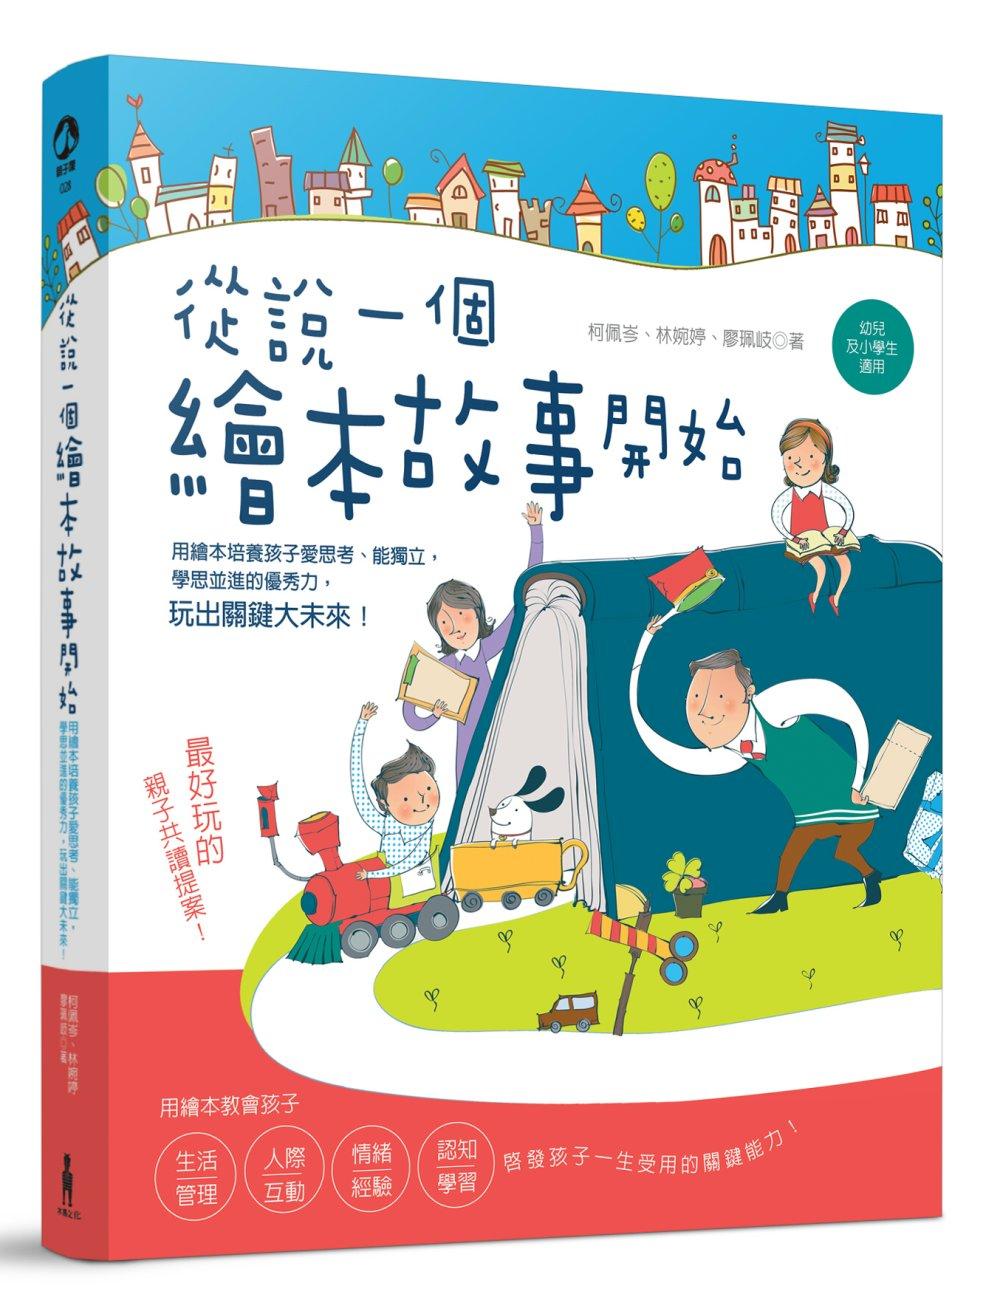 從說一個繪本故事開始:用繪本培養孩子愛思考、能獨立,學思並進的優秀力,玩出關鍵大未來!(幼兒及小學生適用!)